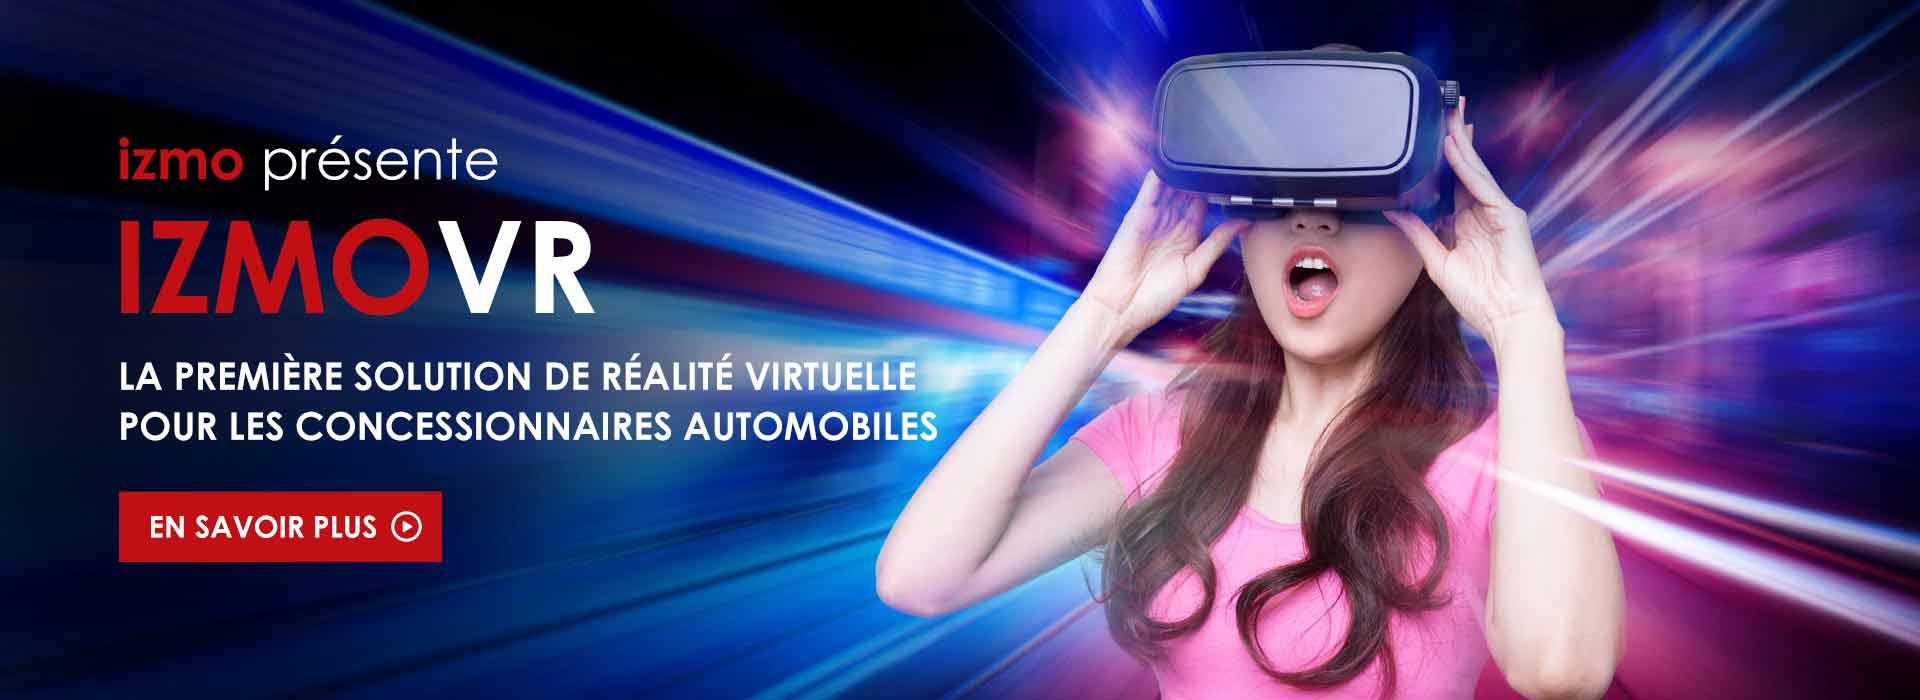 réalité virtuelle automobile